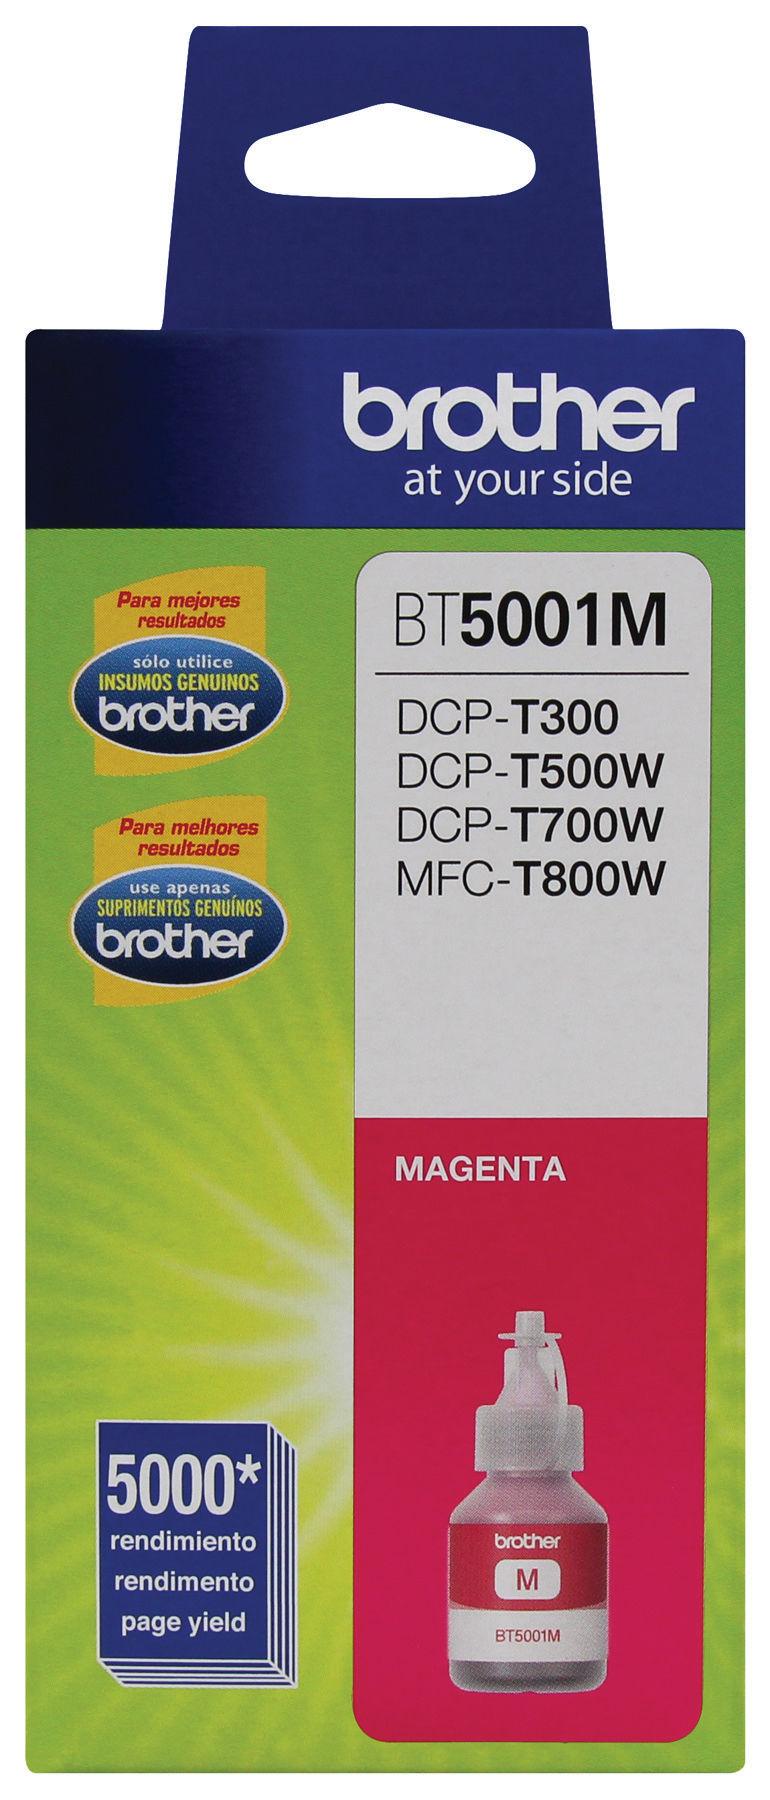 BT5001M